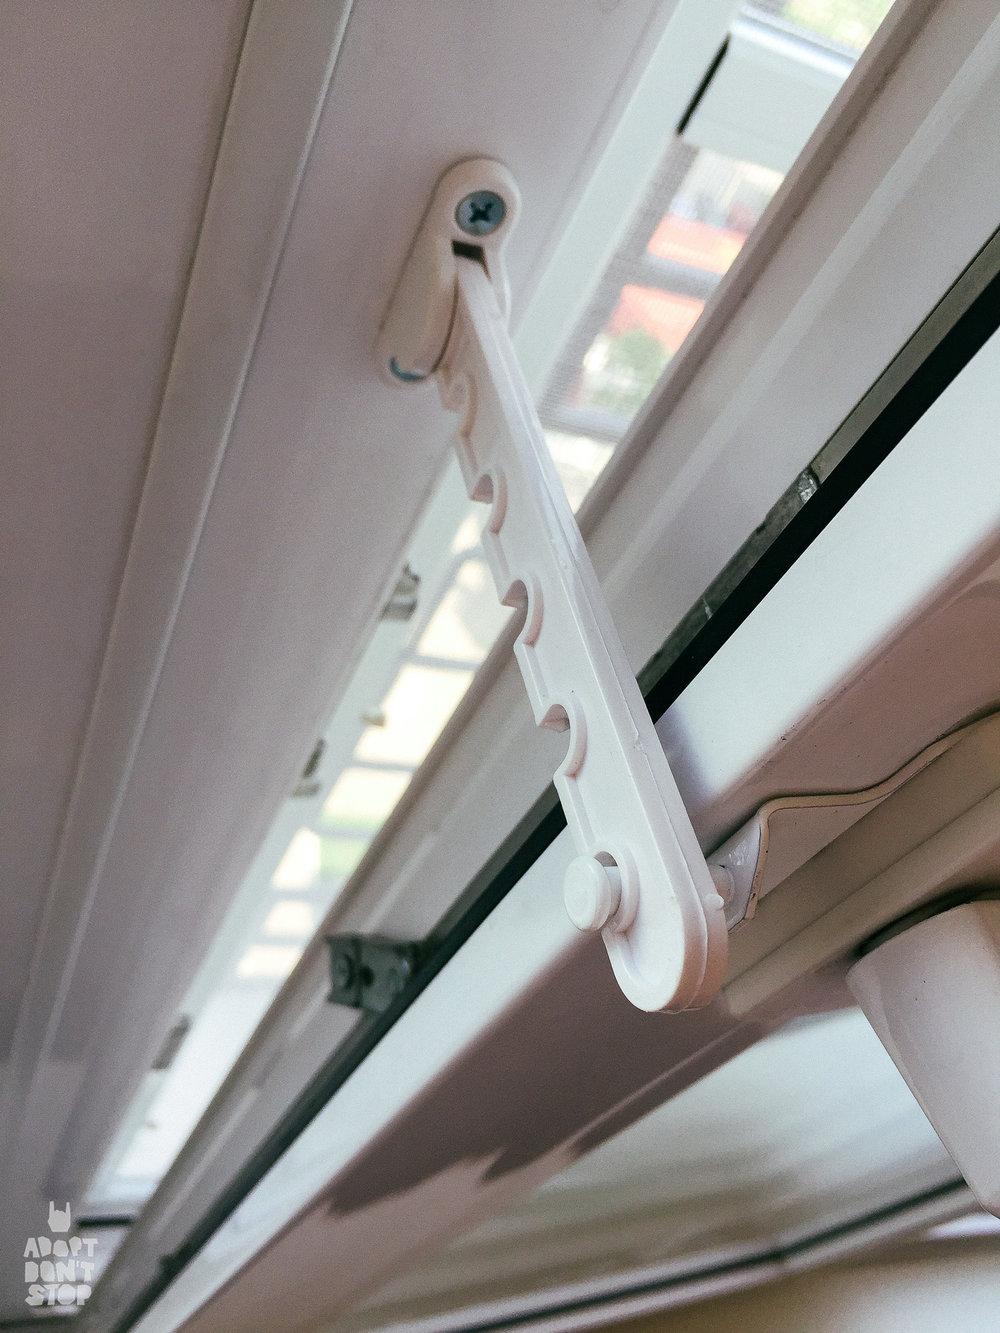 Фиксаторы на проветривание. Окно открываеться не вертикально, а горизонтально